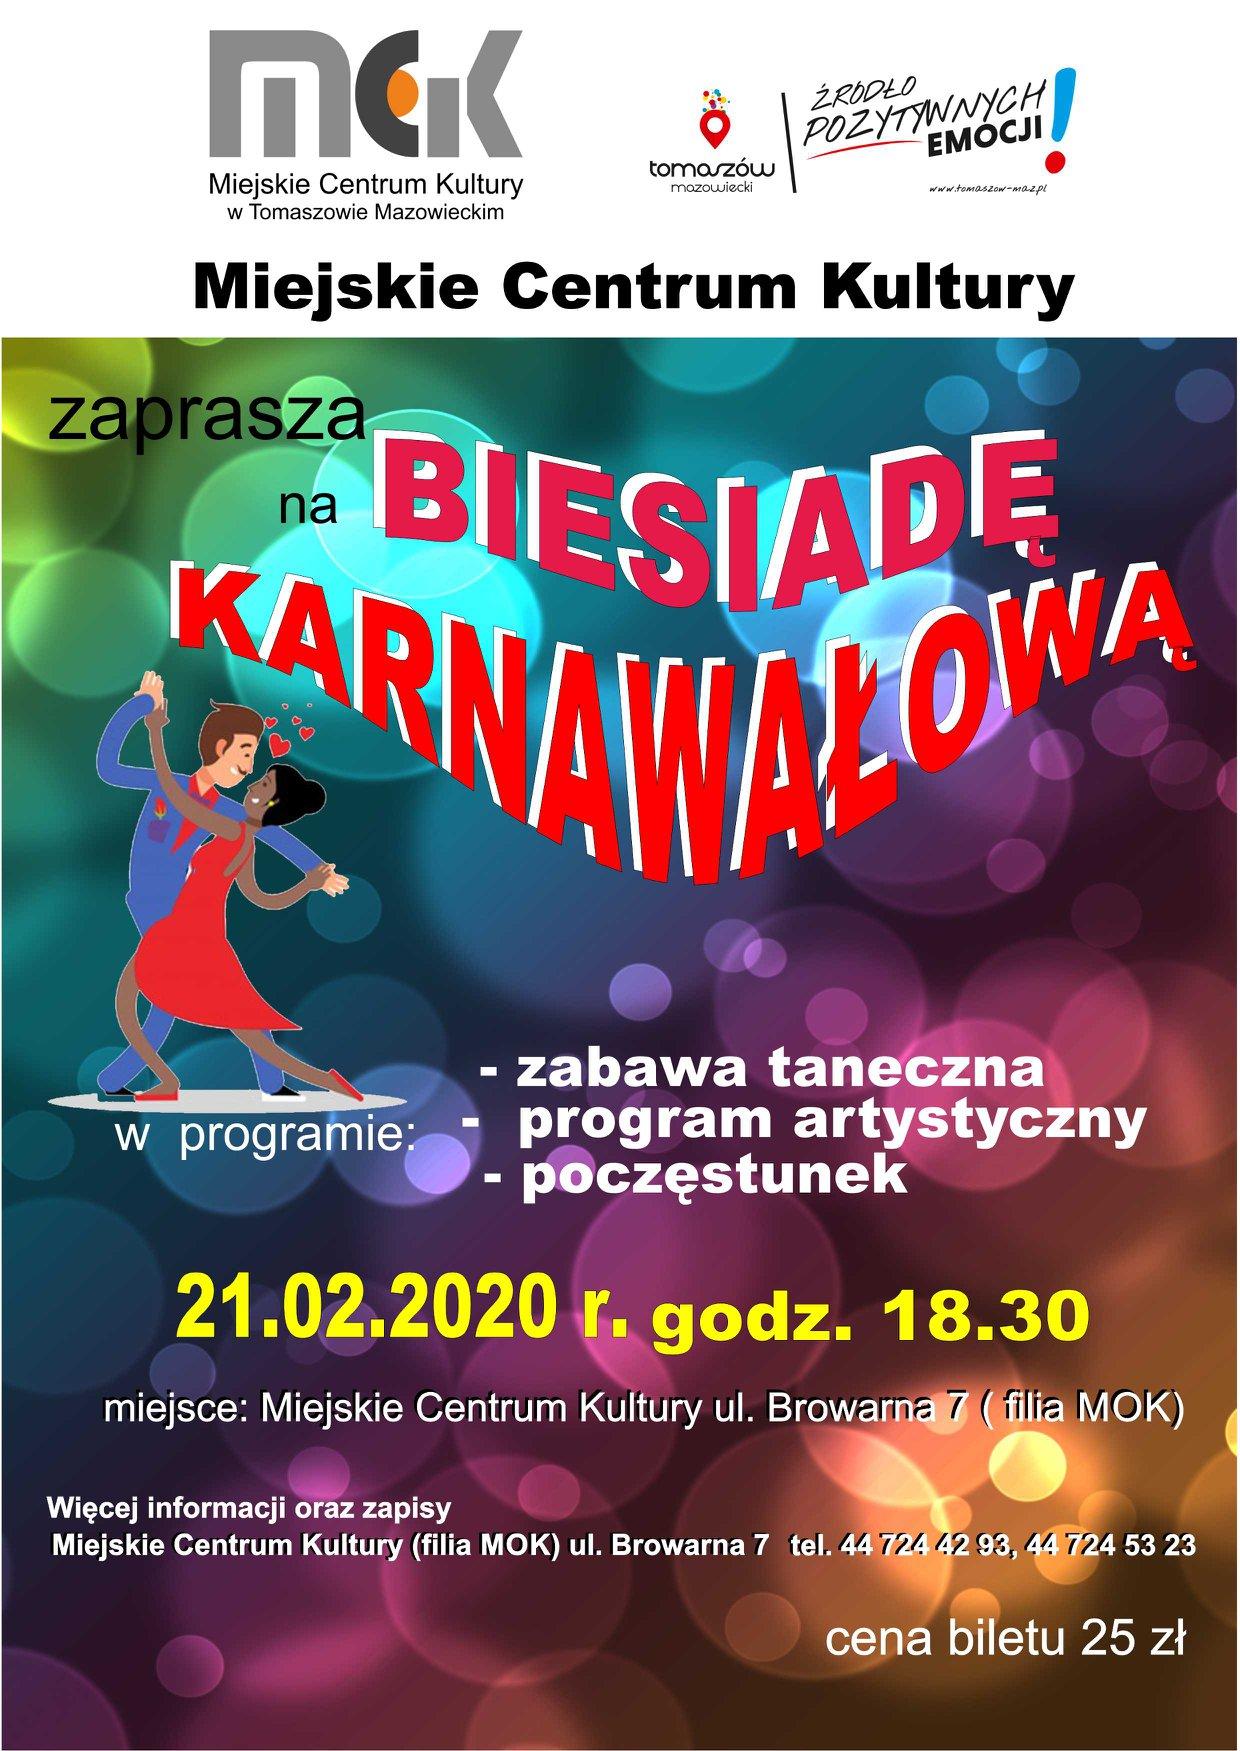 biesiada karnawałowa 2020 plakat